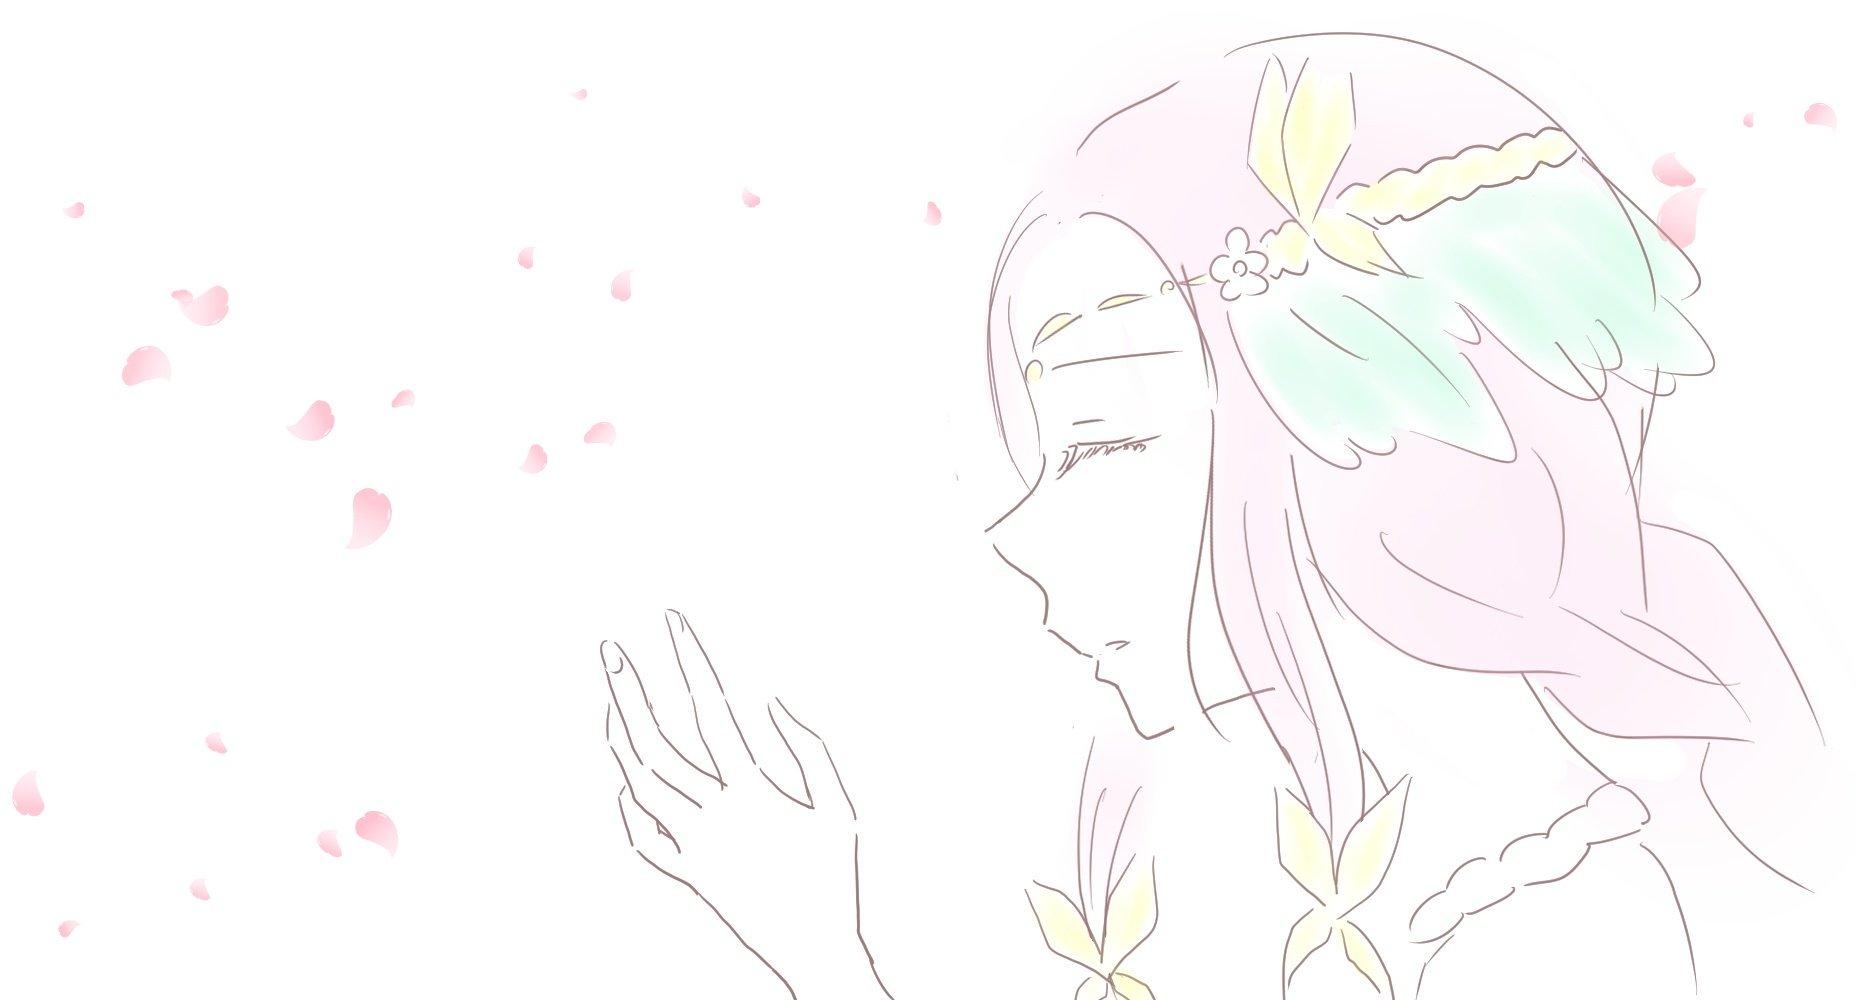 奏 Yuuki【顔が良い4/100作成中✏︎🌸】 (@Kanade001836)さんのイラスト